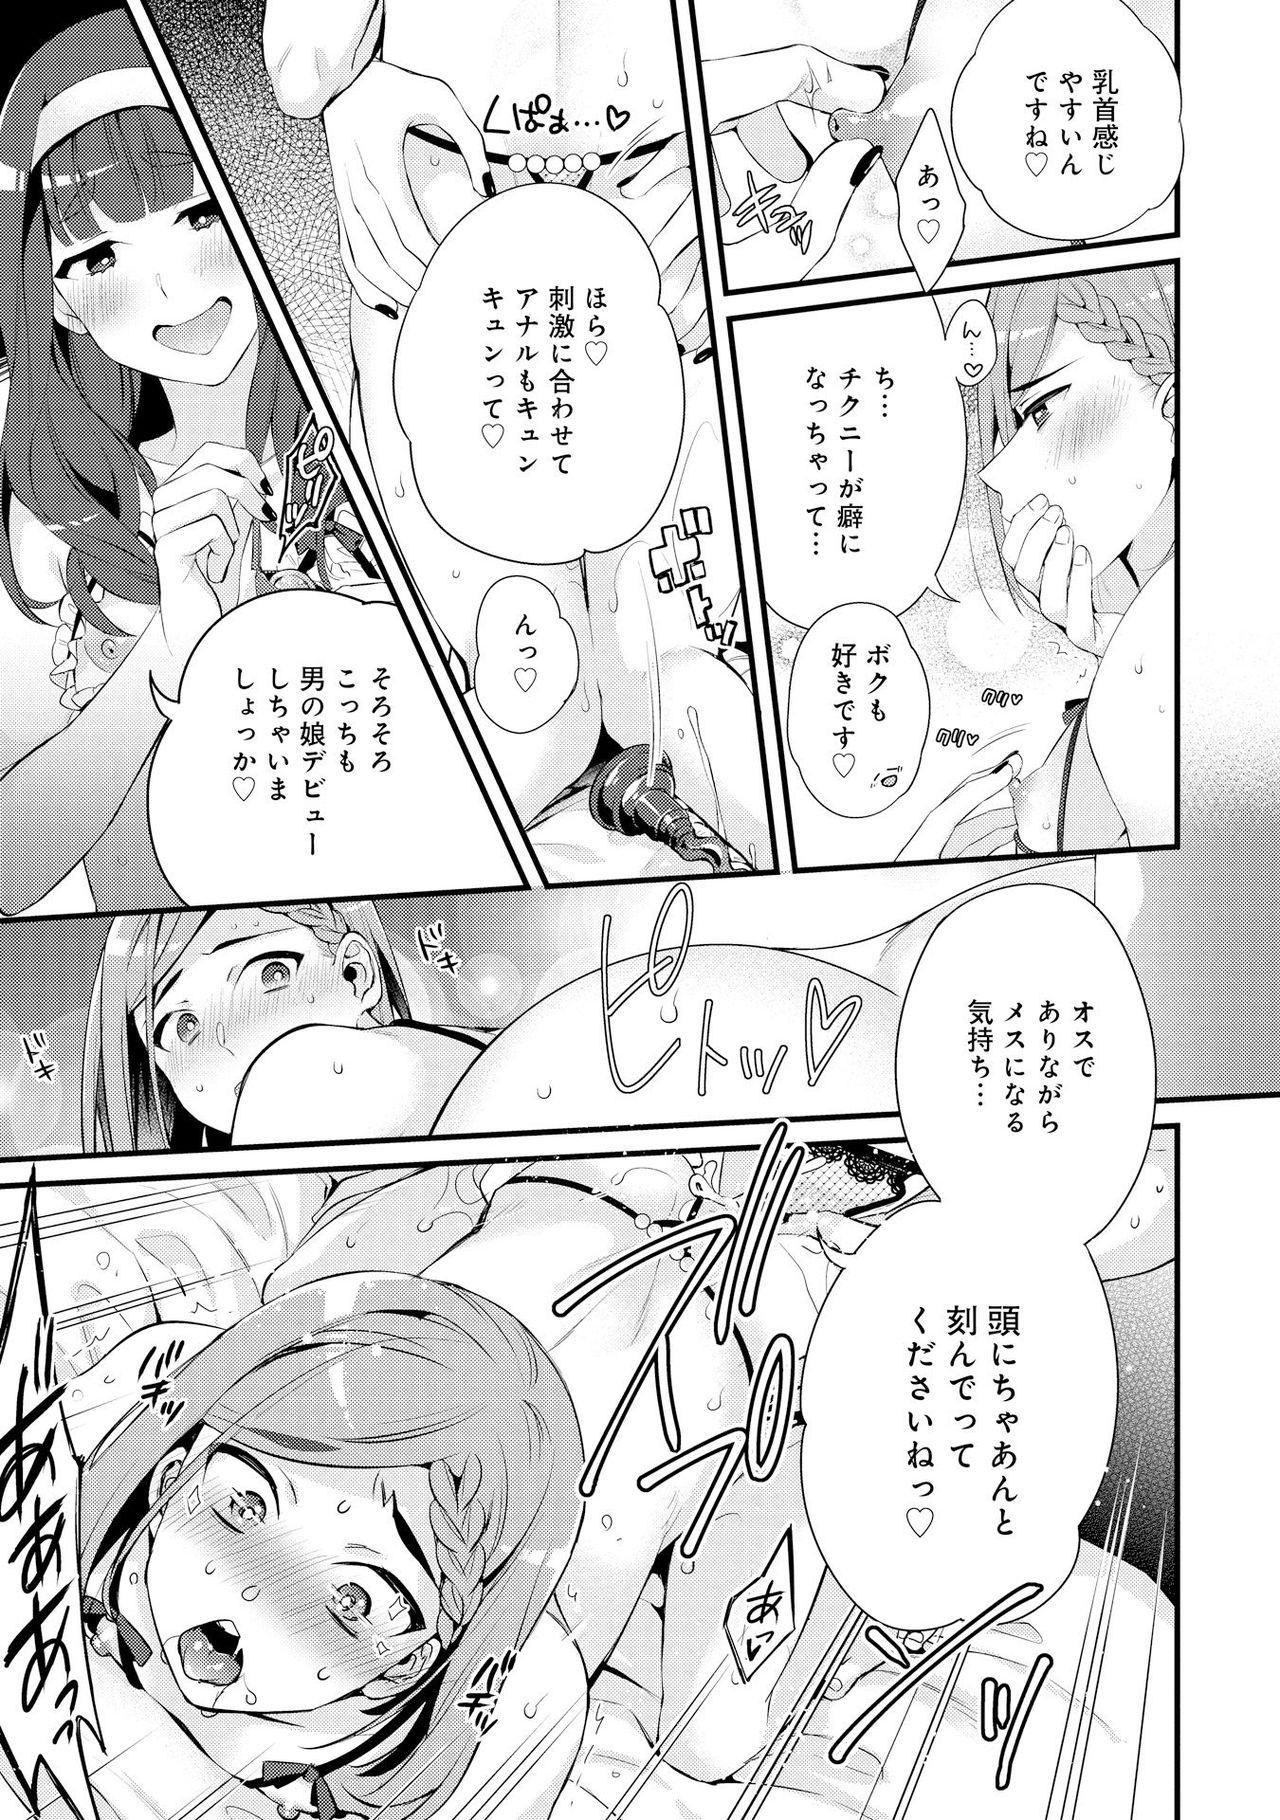 Otokonoko Fuuzoku de Onnanoko Mitai ni Ikasarechau Anthology 2 uragaeshi 48